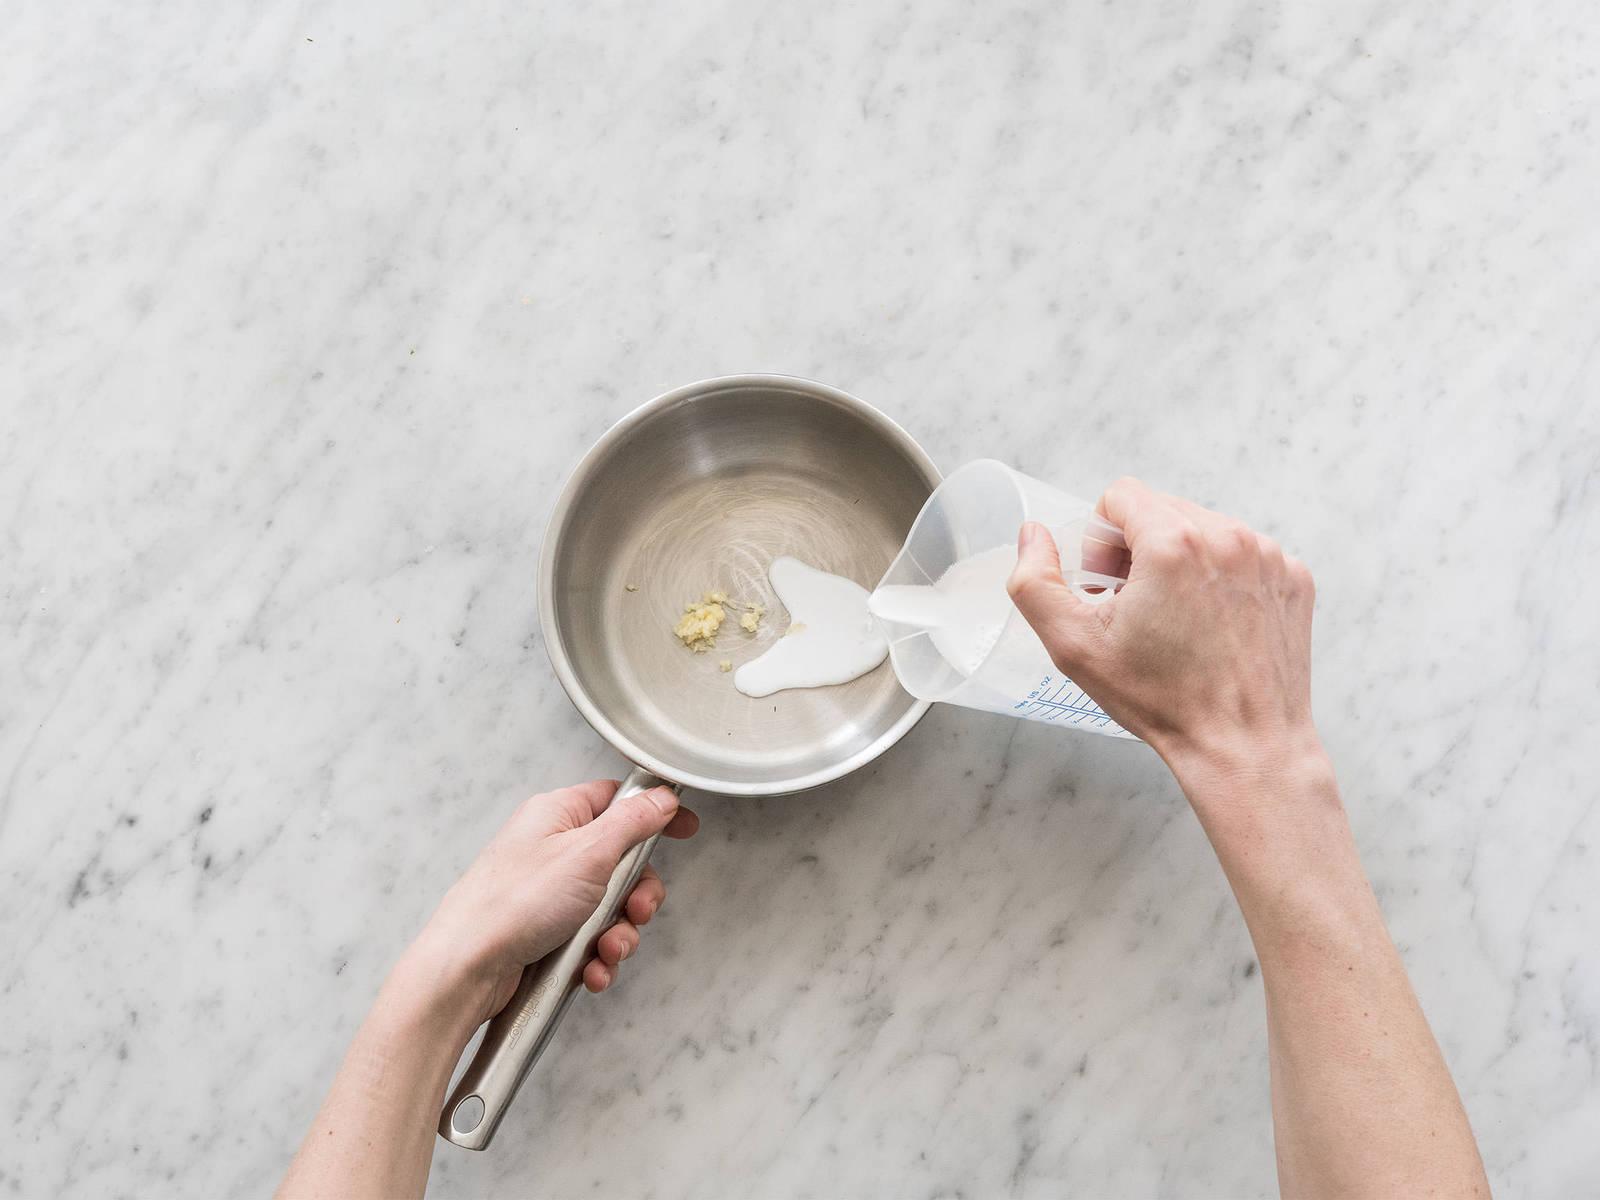 细切大蒜。在小锅中混合蒜、椰浆、酱油和糖。中火烧开,煮5-6分钟至酱汁变浓稠。在一个大煎锅中,烘芝麻1-2分钟至淡棕色。最后,用勺子将米饭捣松,加上鸡肉鲜蔬串,倒上椰香酱汁,用芝麻和葱花点缀,享用吧!